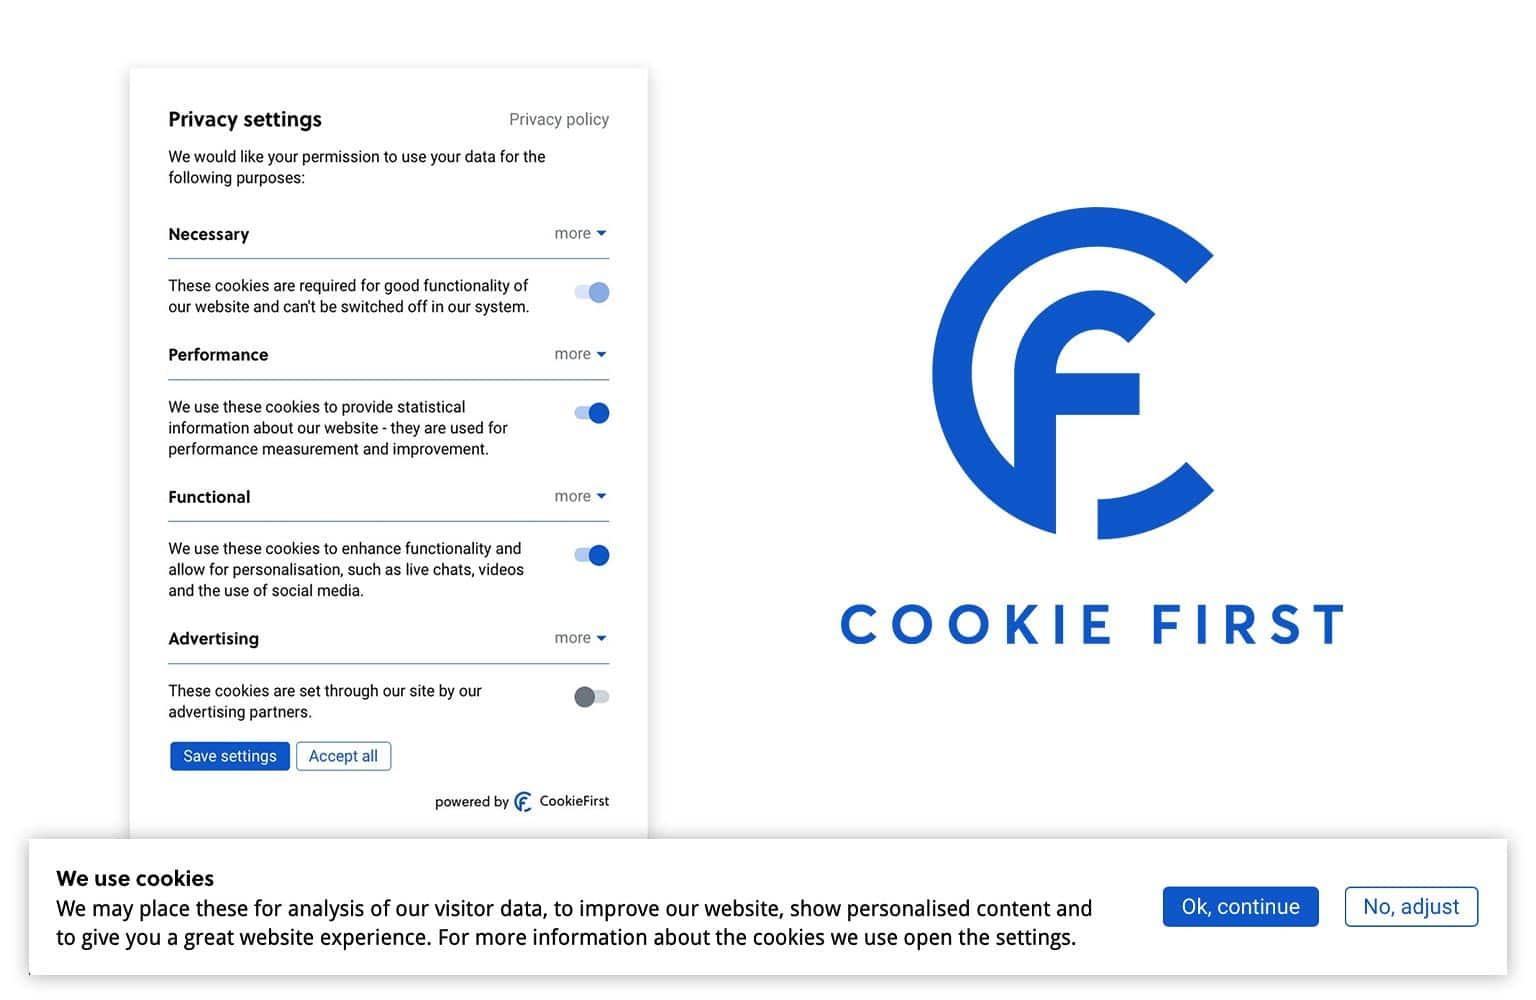 Consent Manager - CookieFirst ist ein Consent Management Platform zur Verwaltung der Einwilligung in Cookies